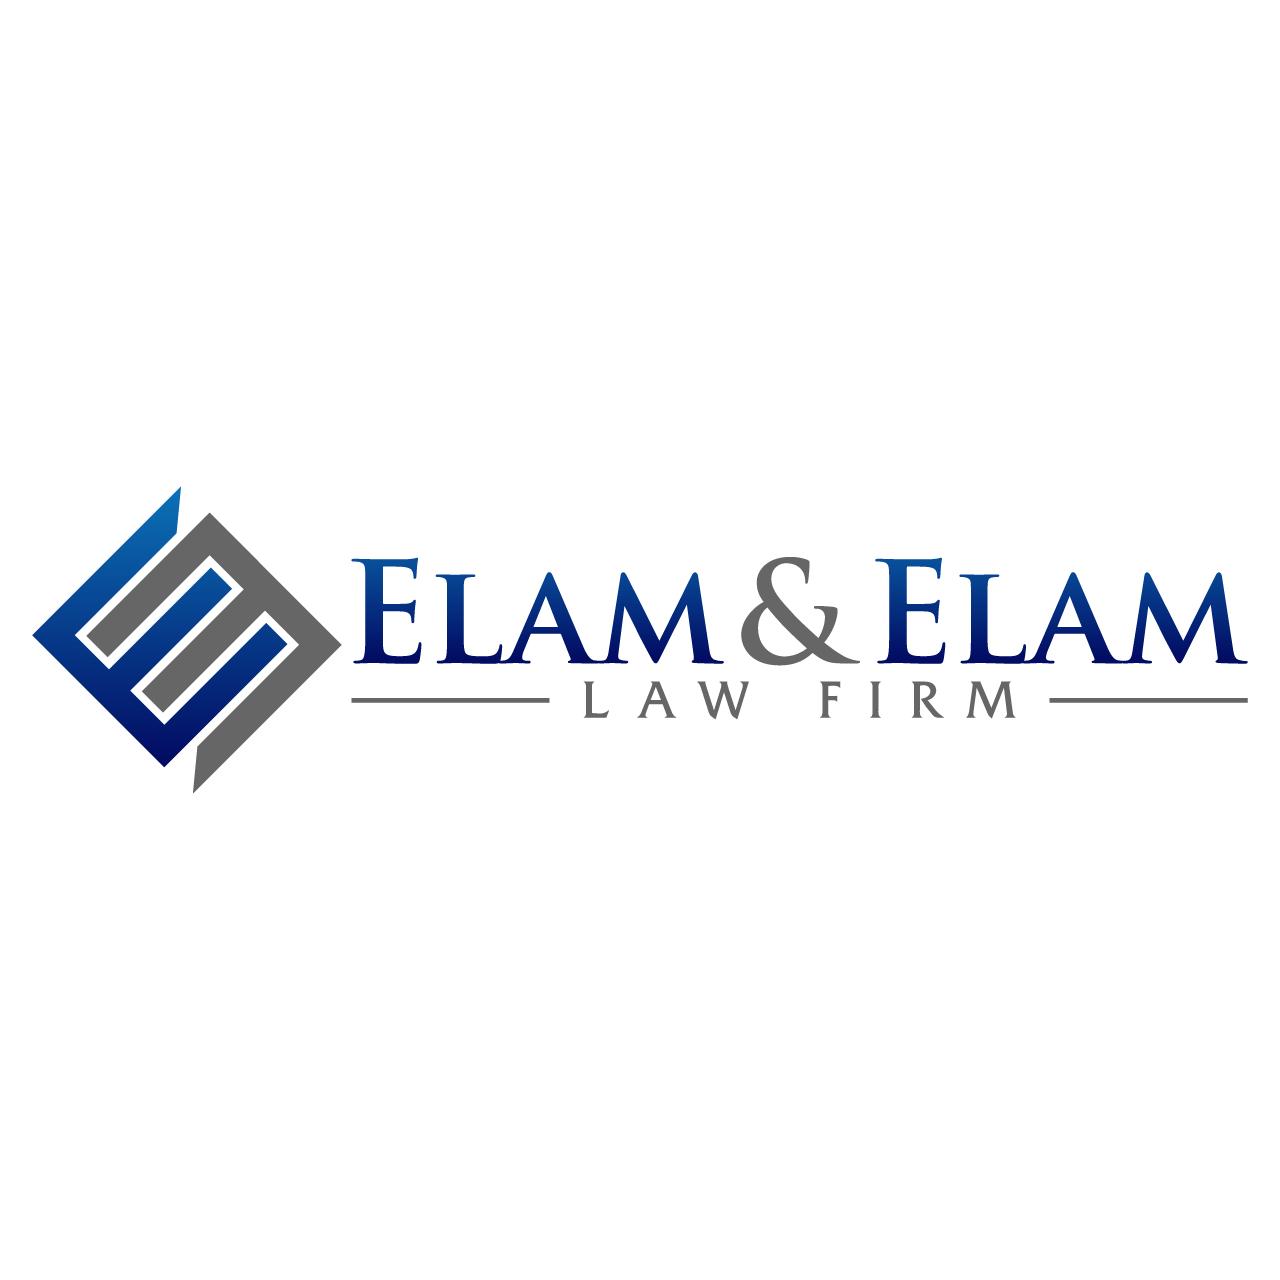 Elam & Elam, PLLC